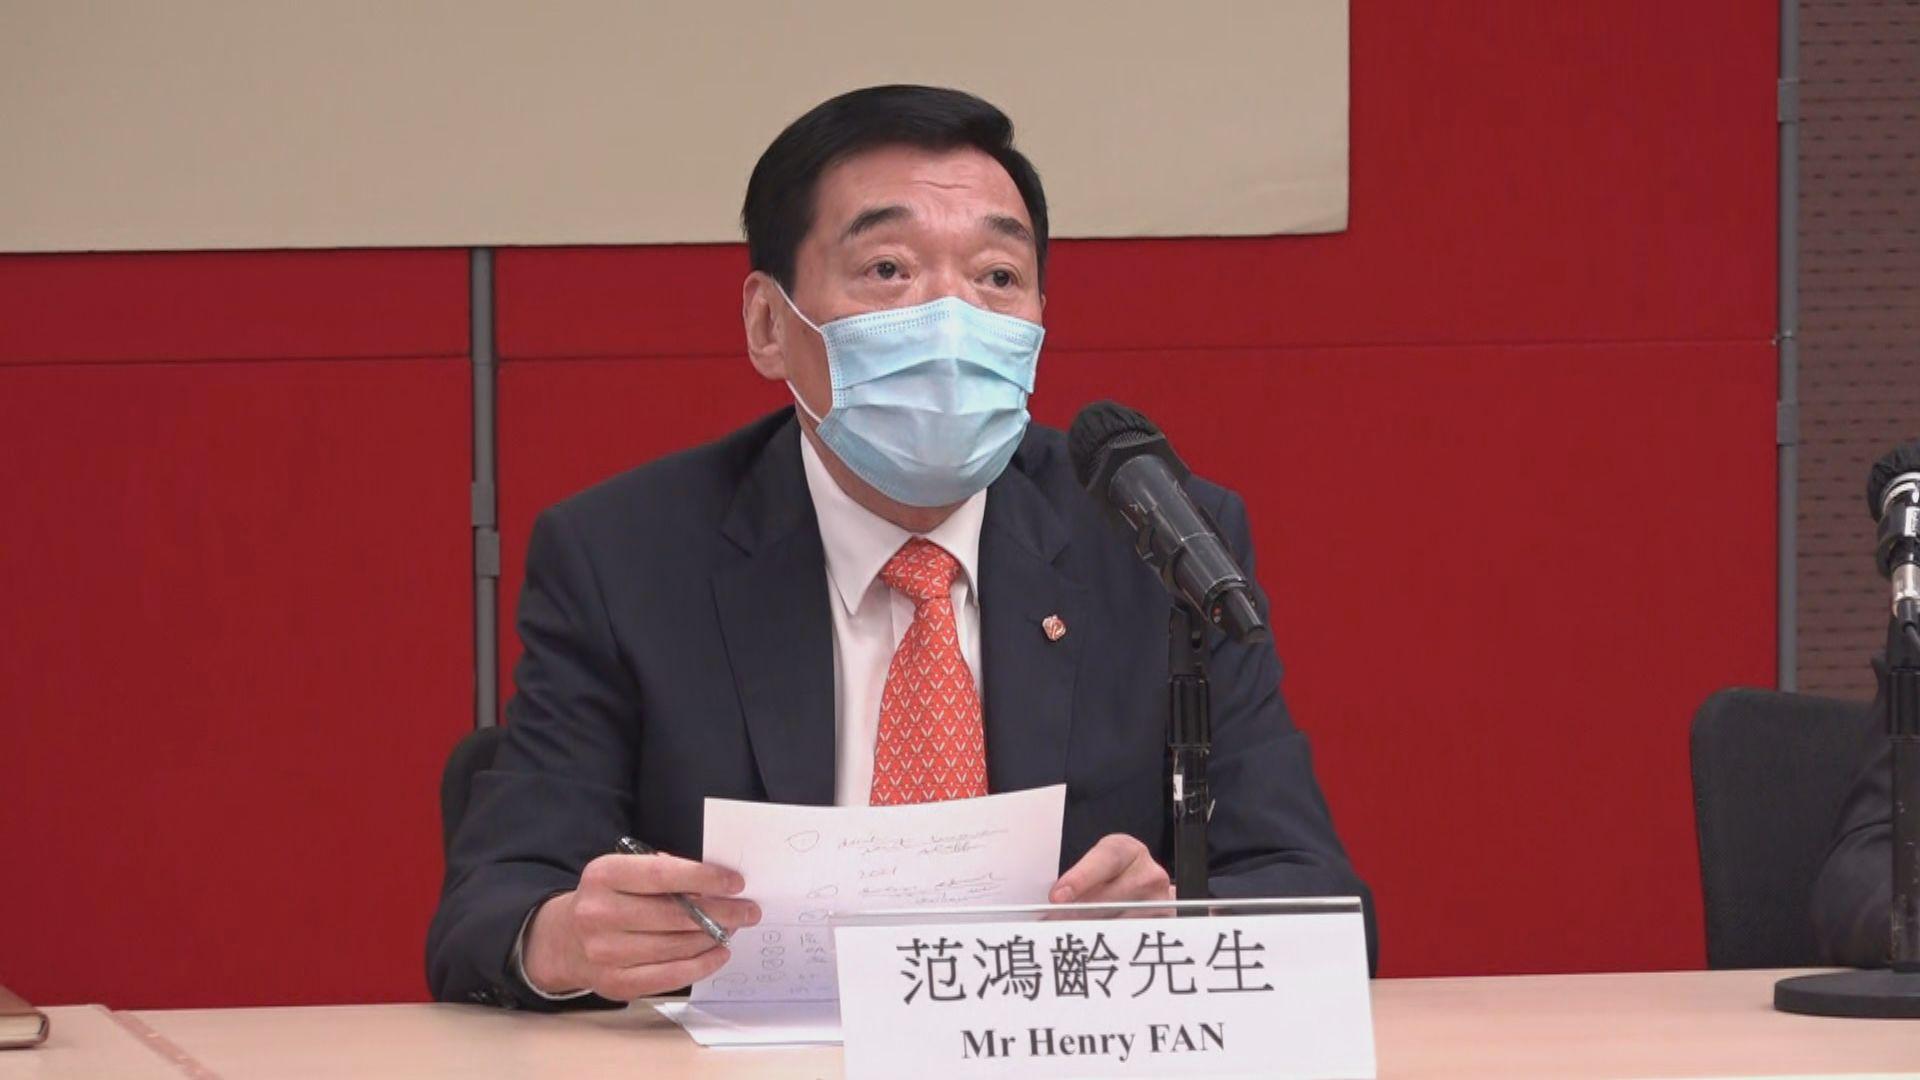 醫管局主席范鴻齡冀宣誓安排只適用於管理層